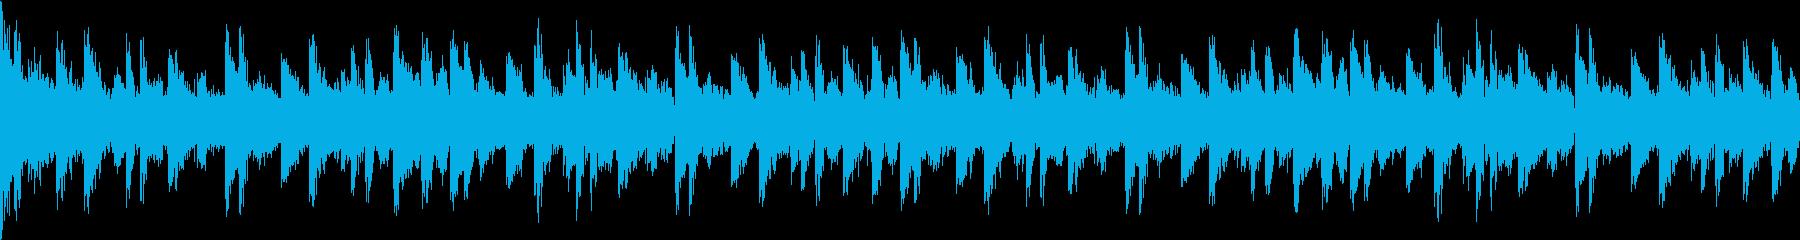 不安な気分のHIPHOPの再生済みの波形